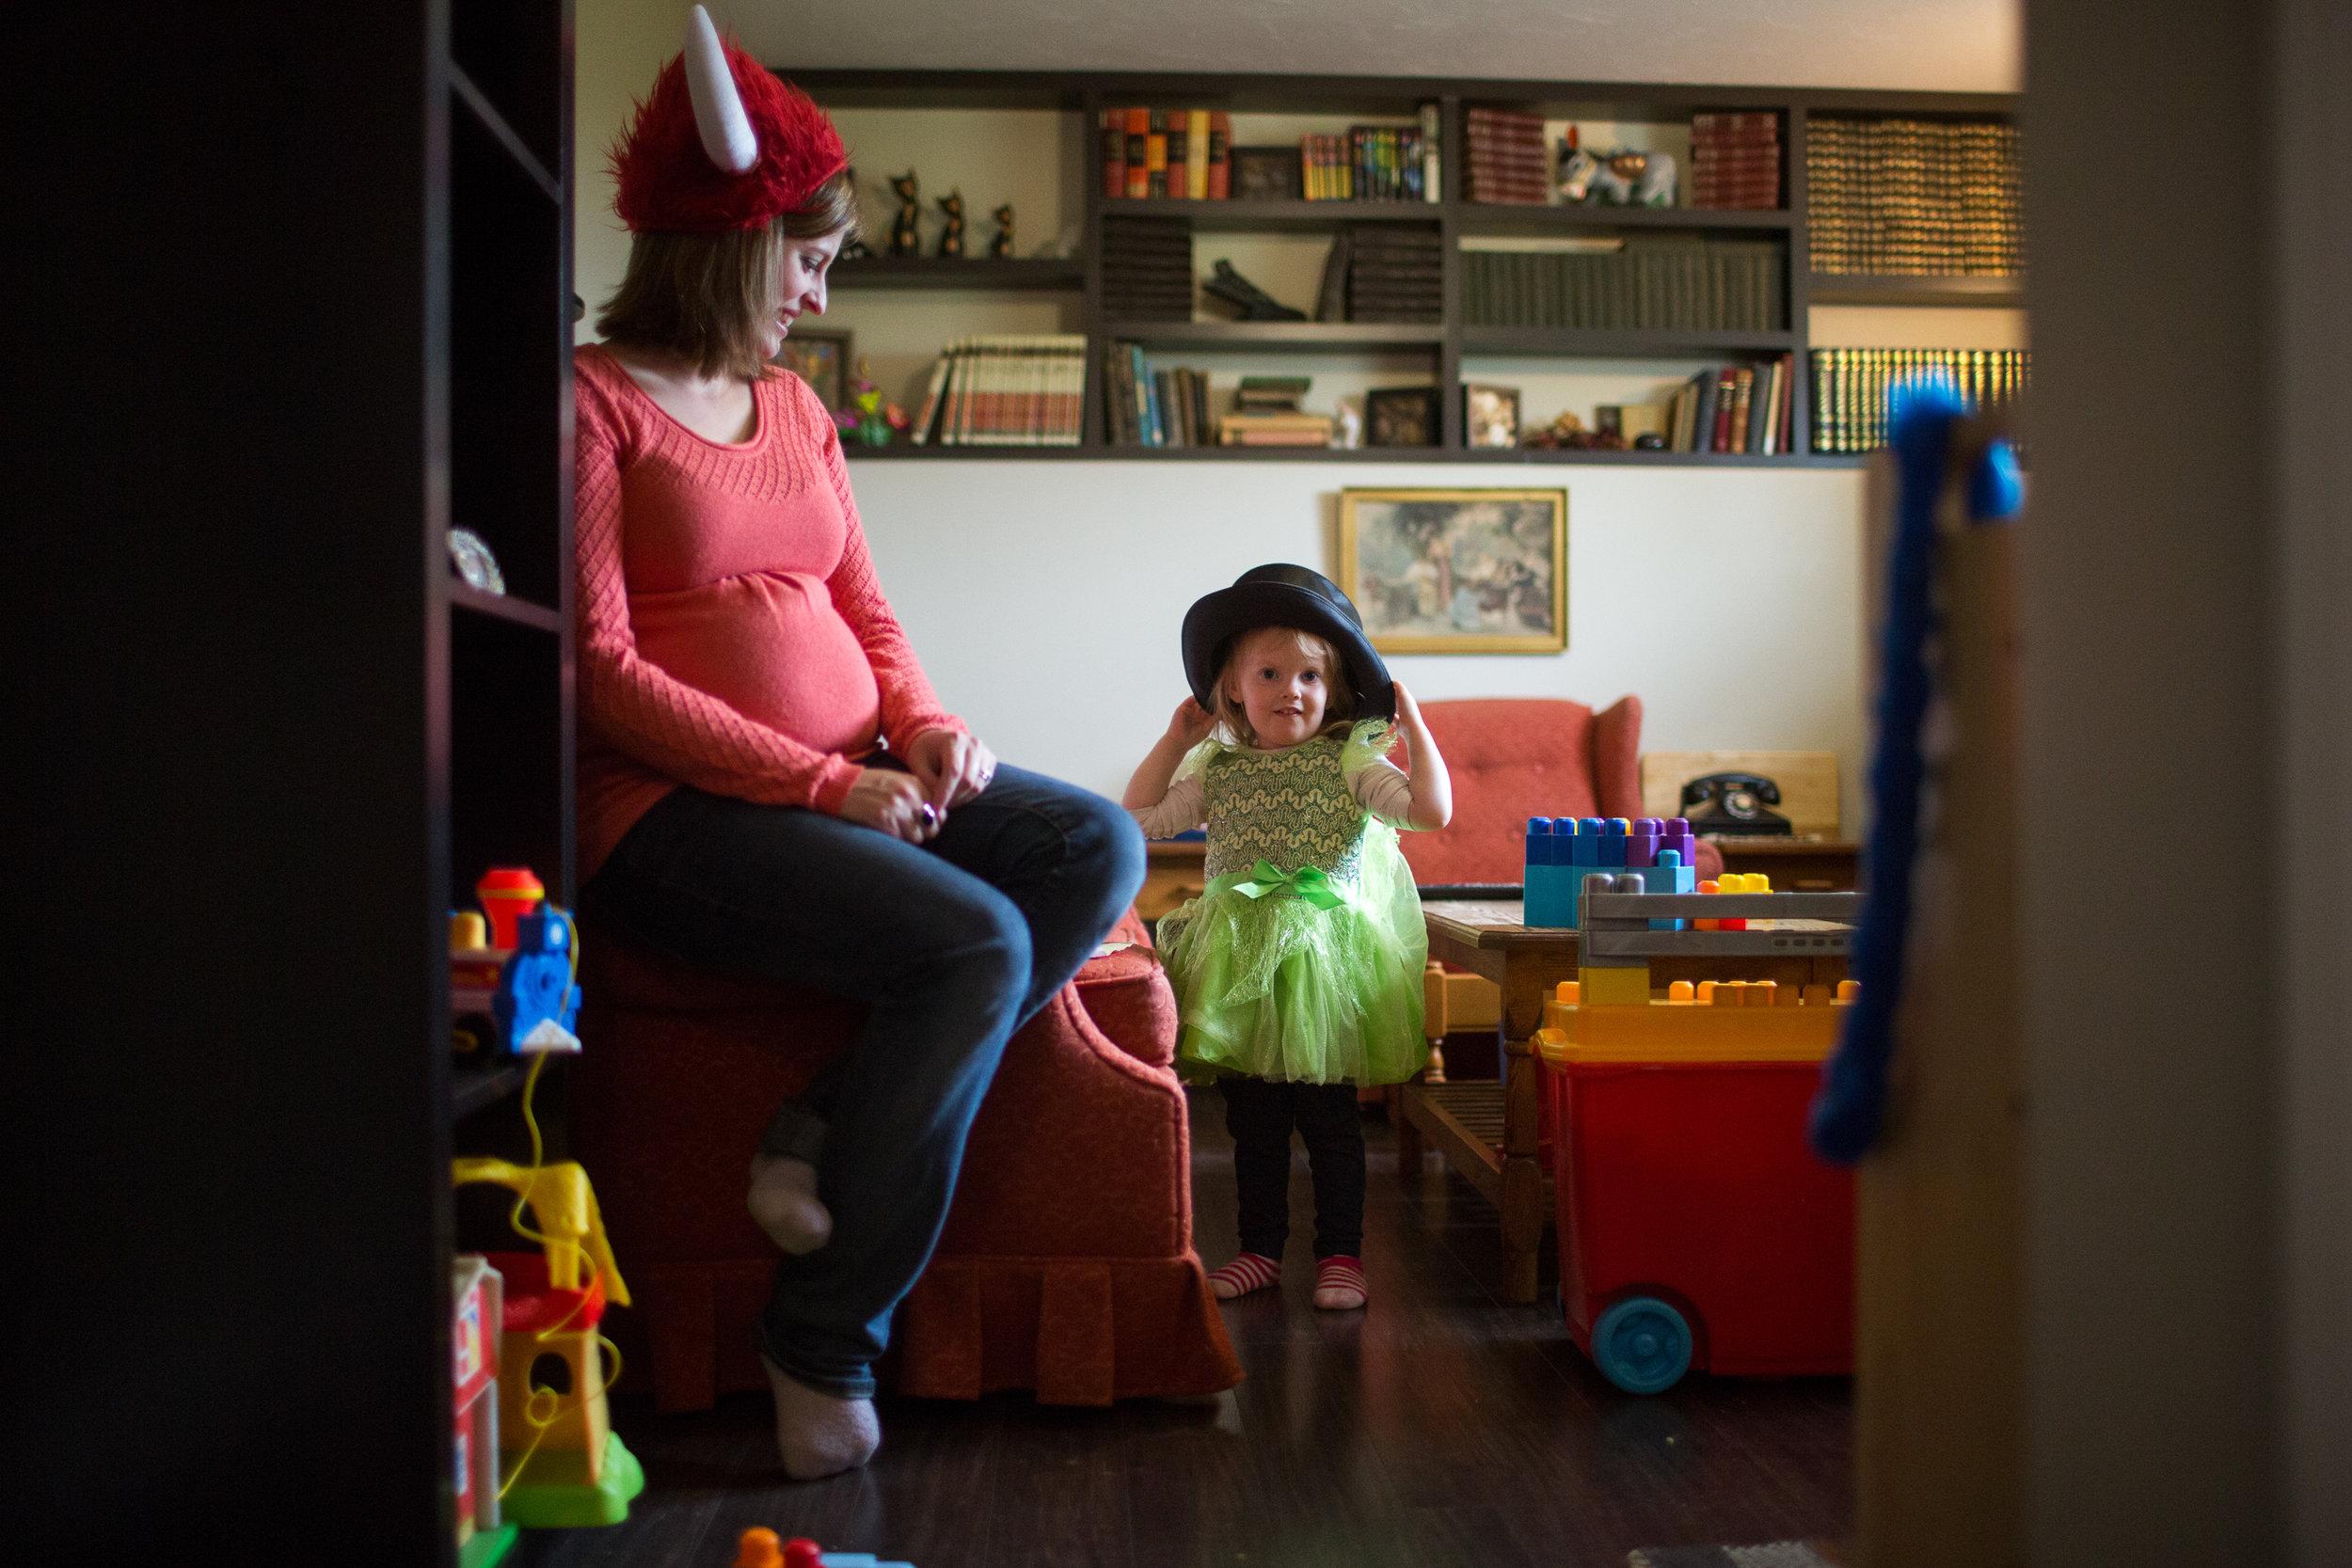 moncton_family_photographer_caro_photo-11.jpg